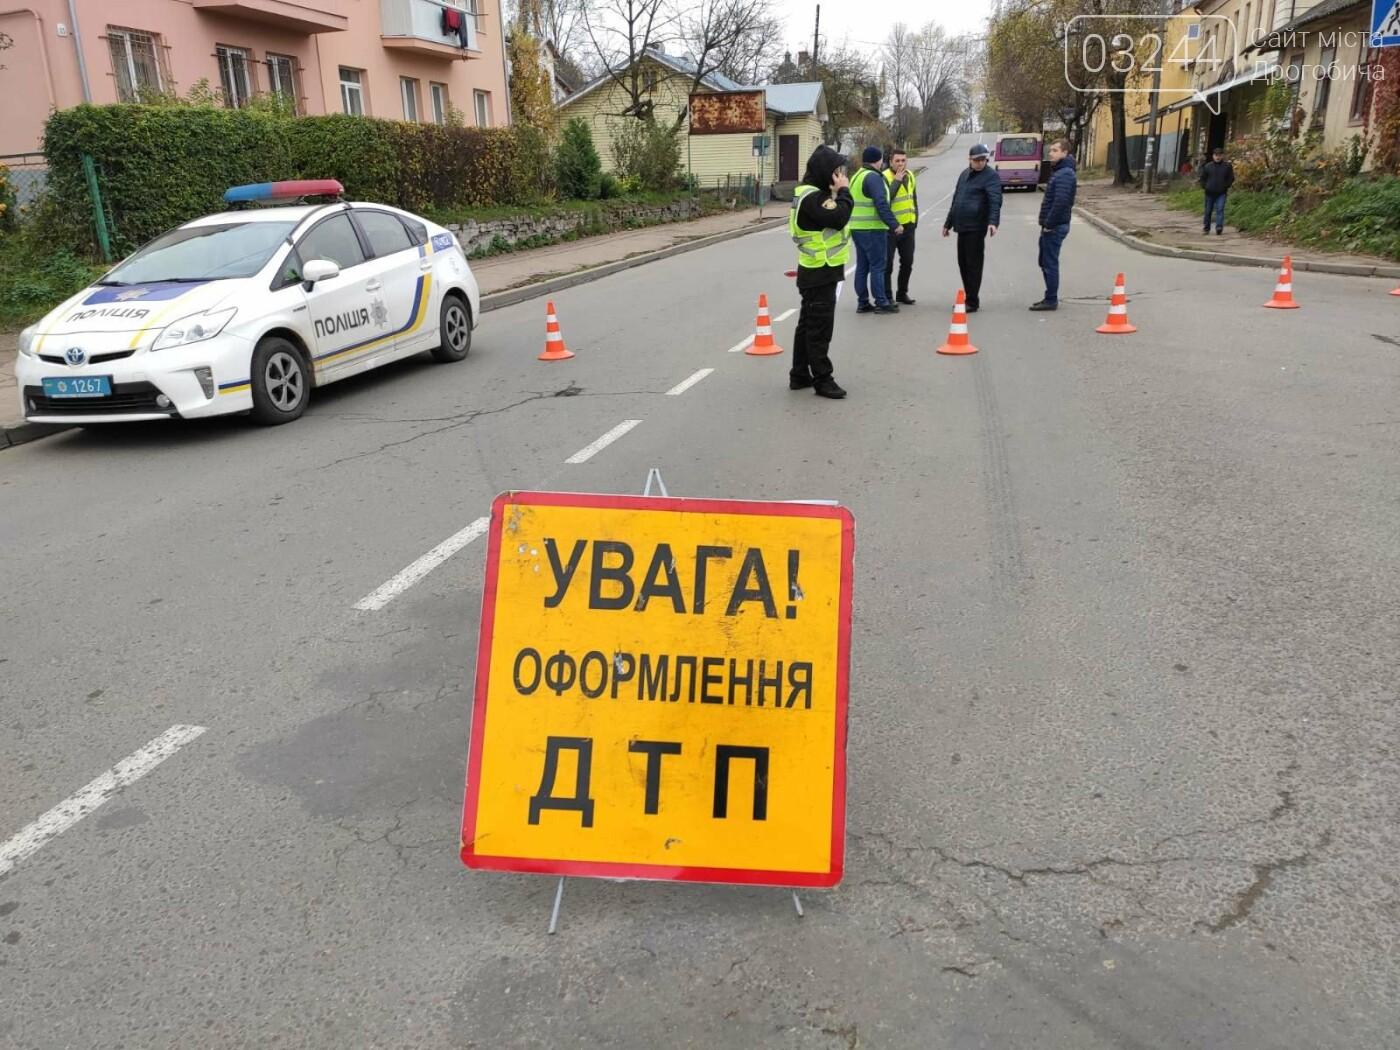 В останнє переходила дорогу – у Дрогобичі водій автобуса збив дев'ятикласницю, фото-1